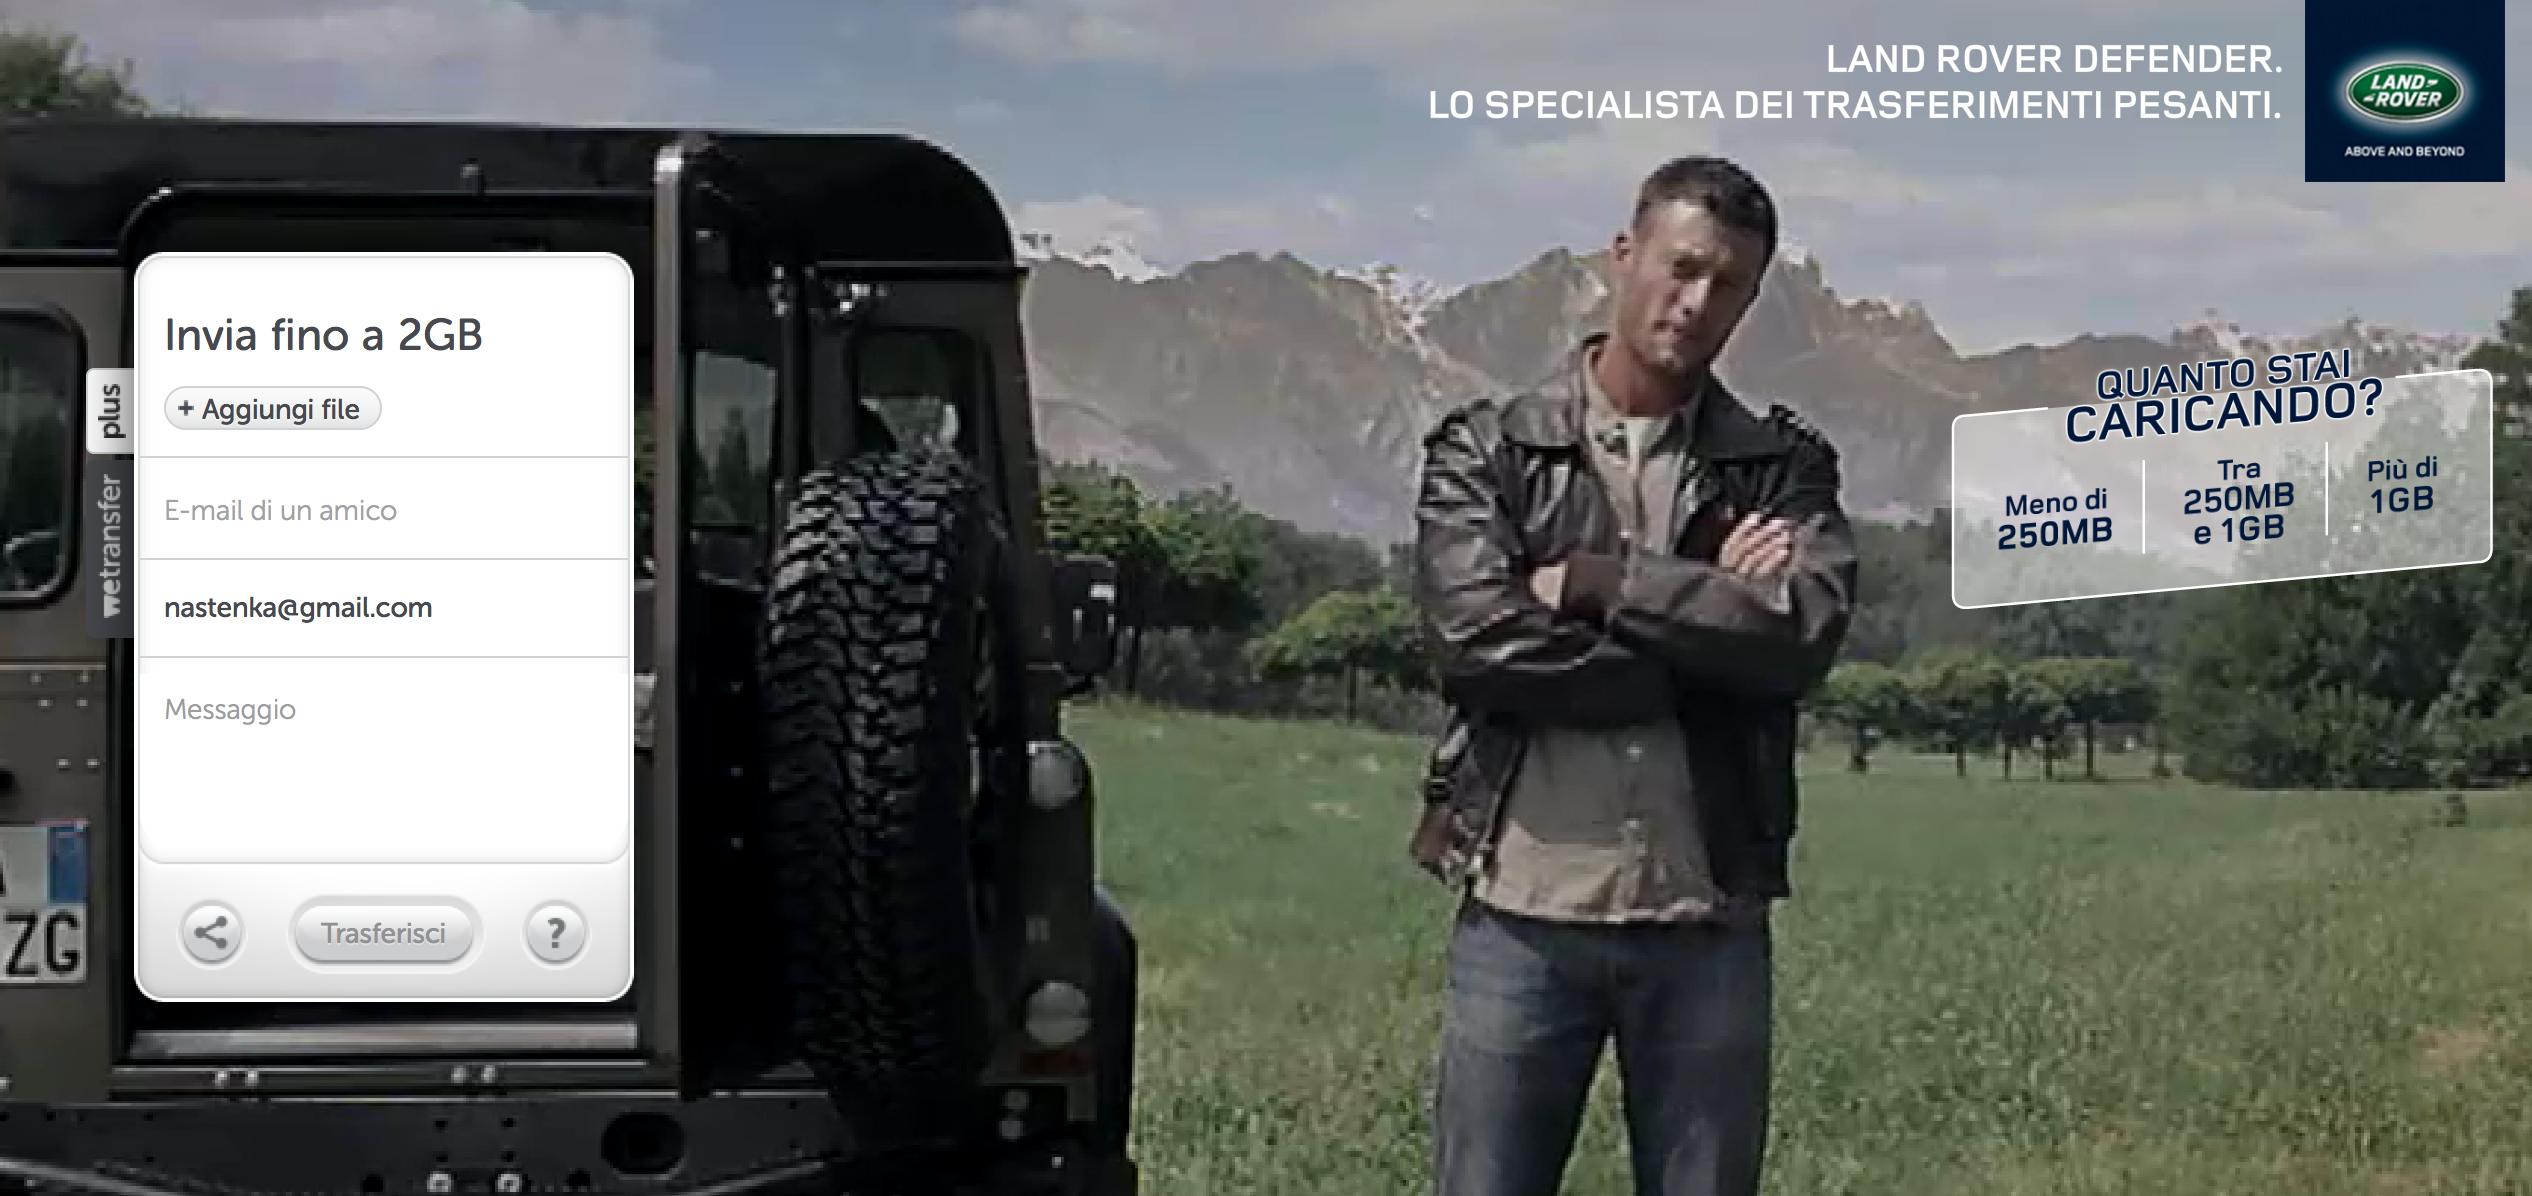 Land Rover e WeTransfer